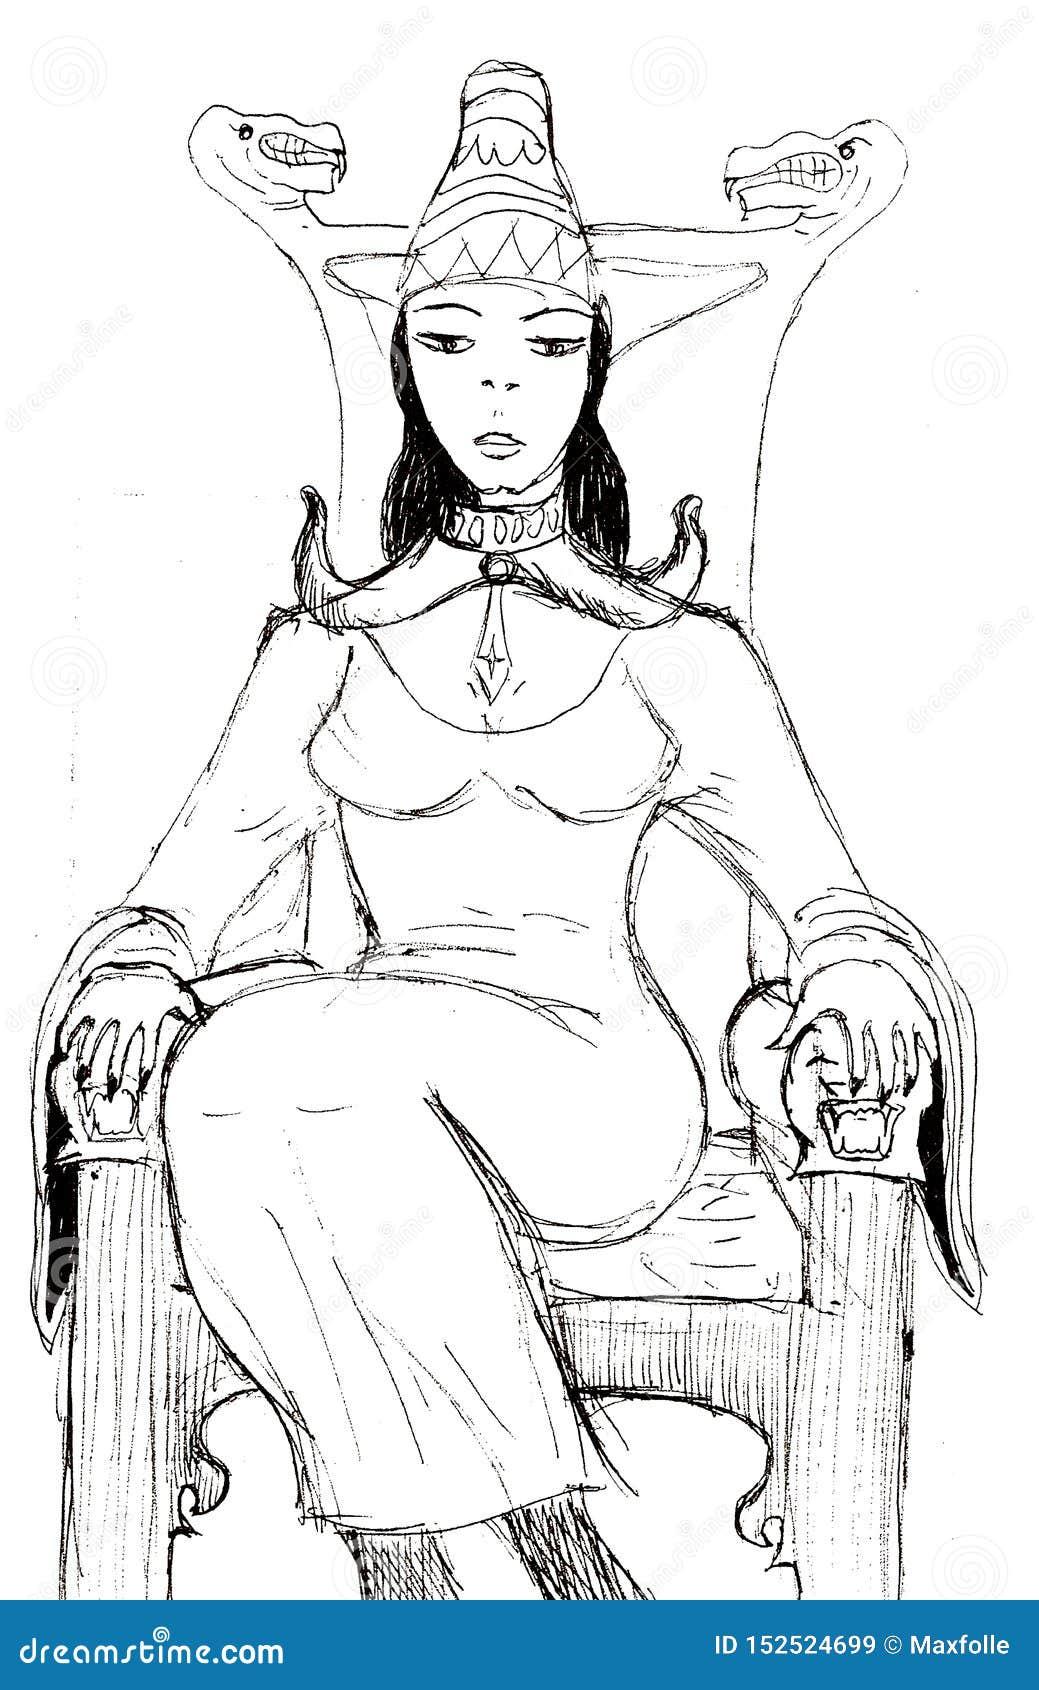 一位年轻女王/王后坐木王位